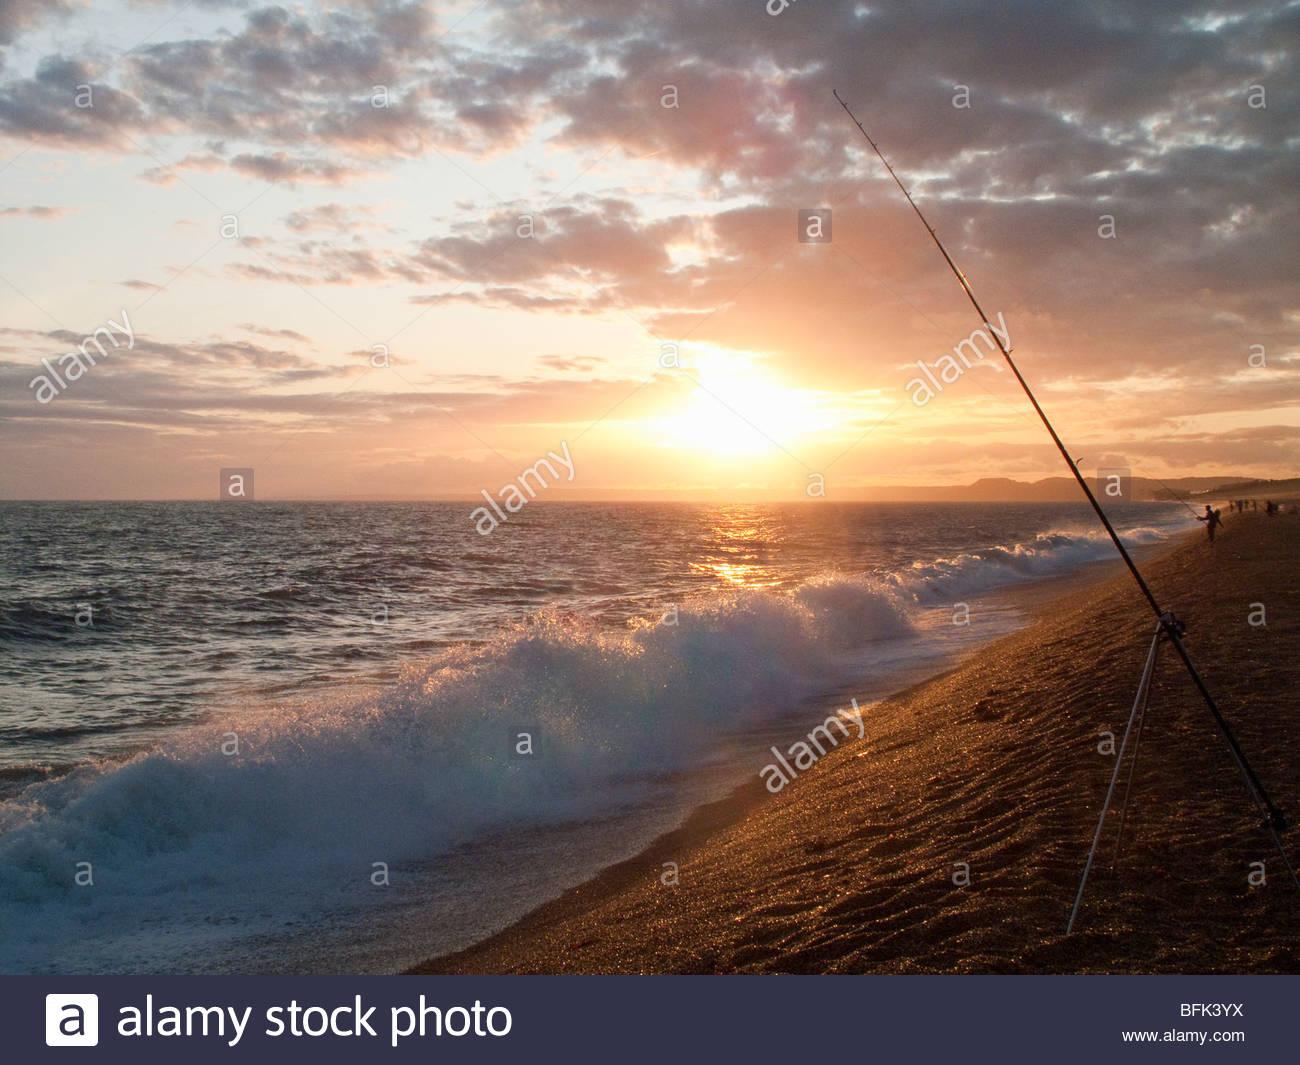 Tranquilo y puesta de sol en el horizonte sobre el océano con caña de pescar en primer plano Foto de stock